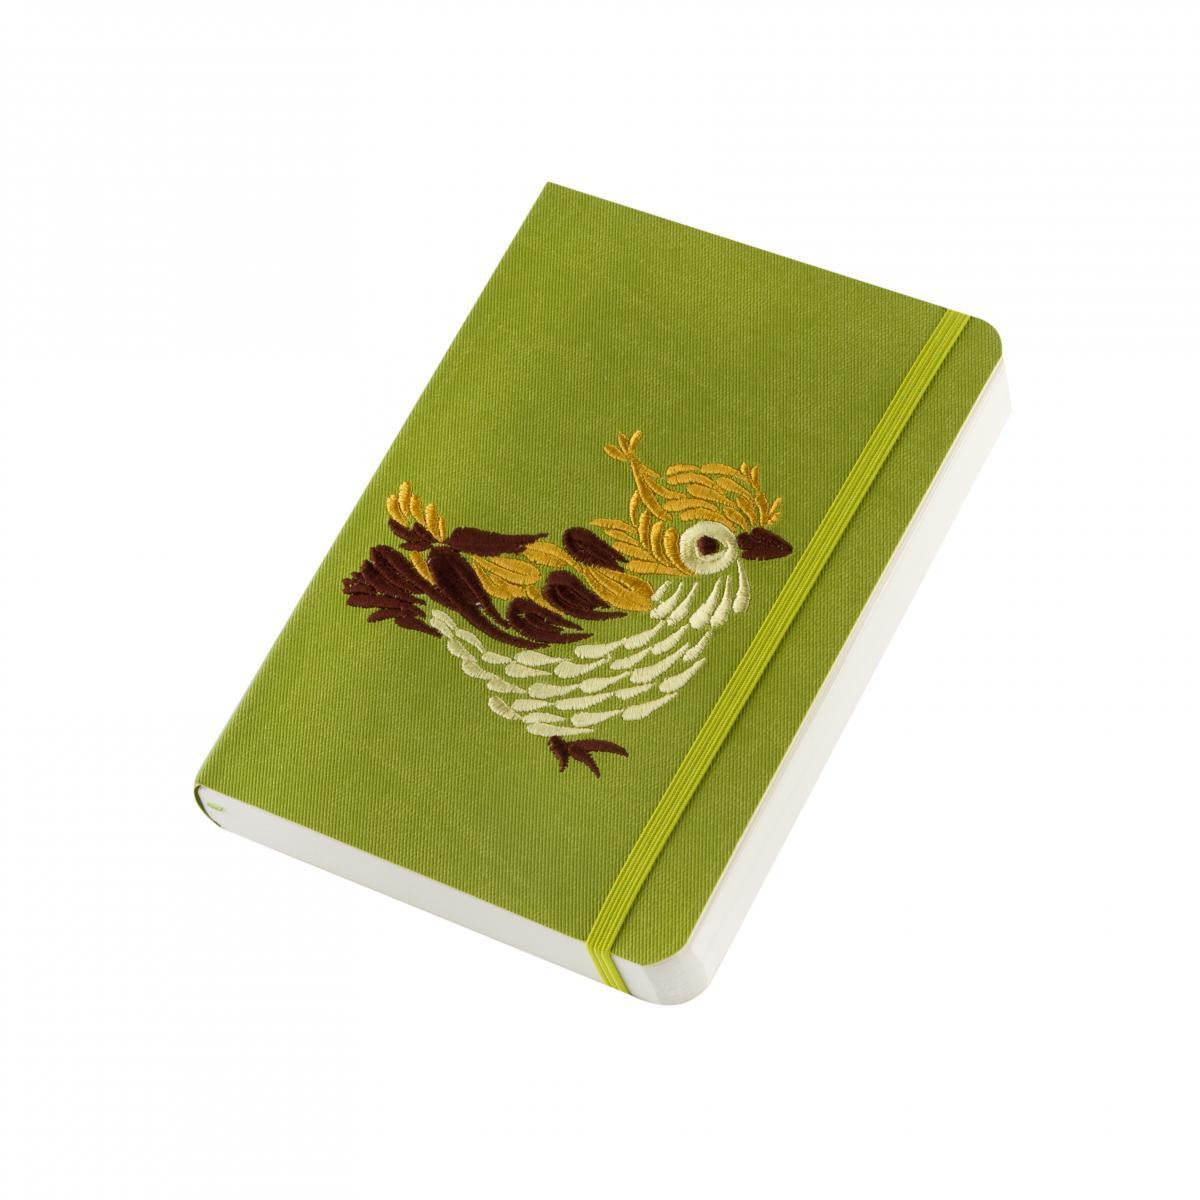 Блокнот из эко-кожи с вышивкой, зеленый. Фото №2. | Народный дом Украина